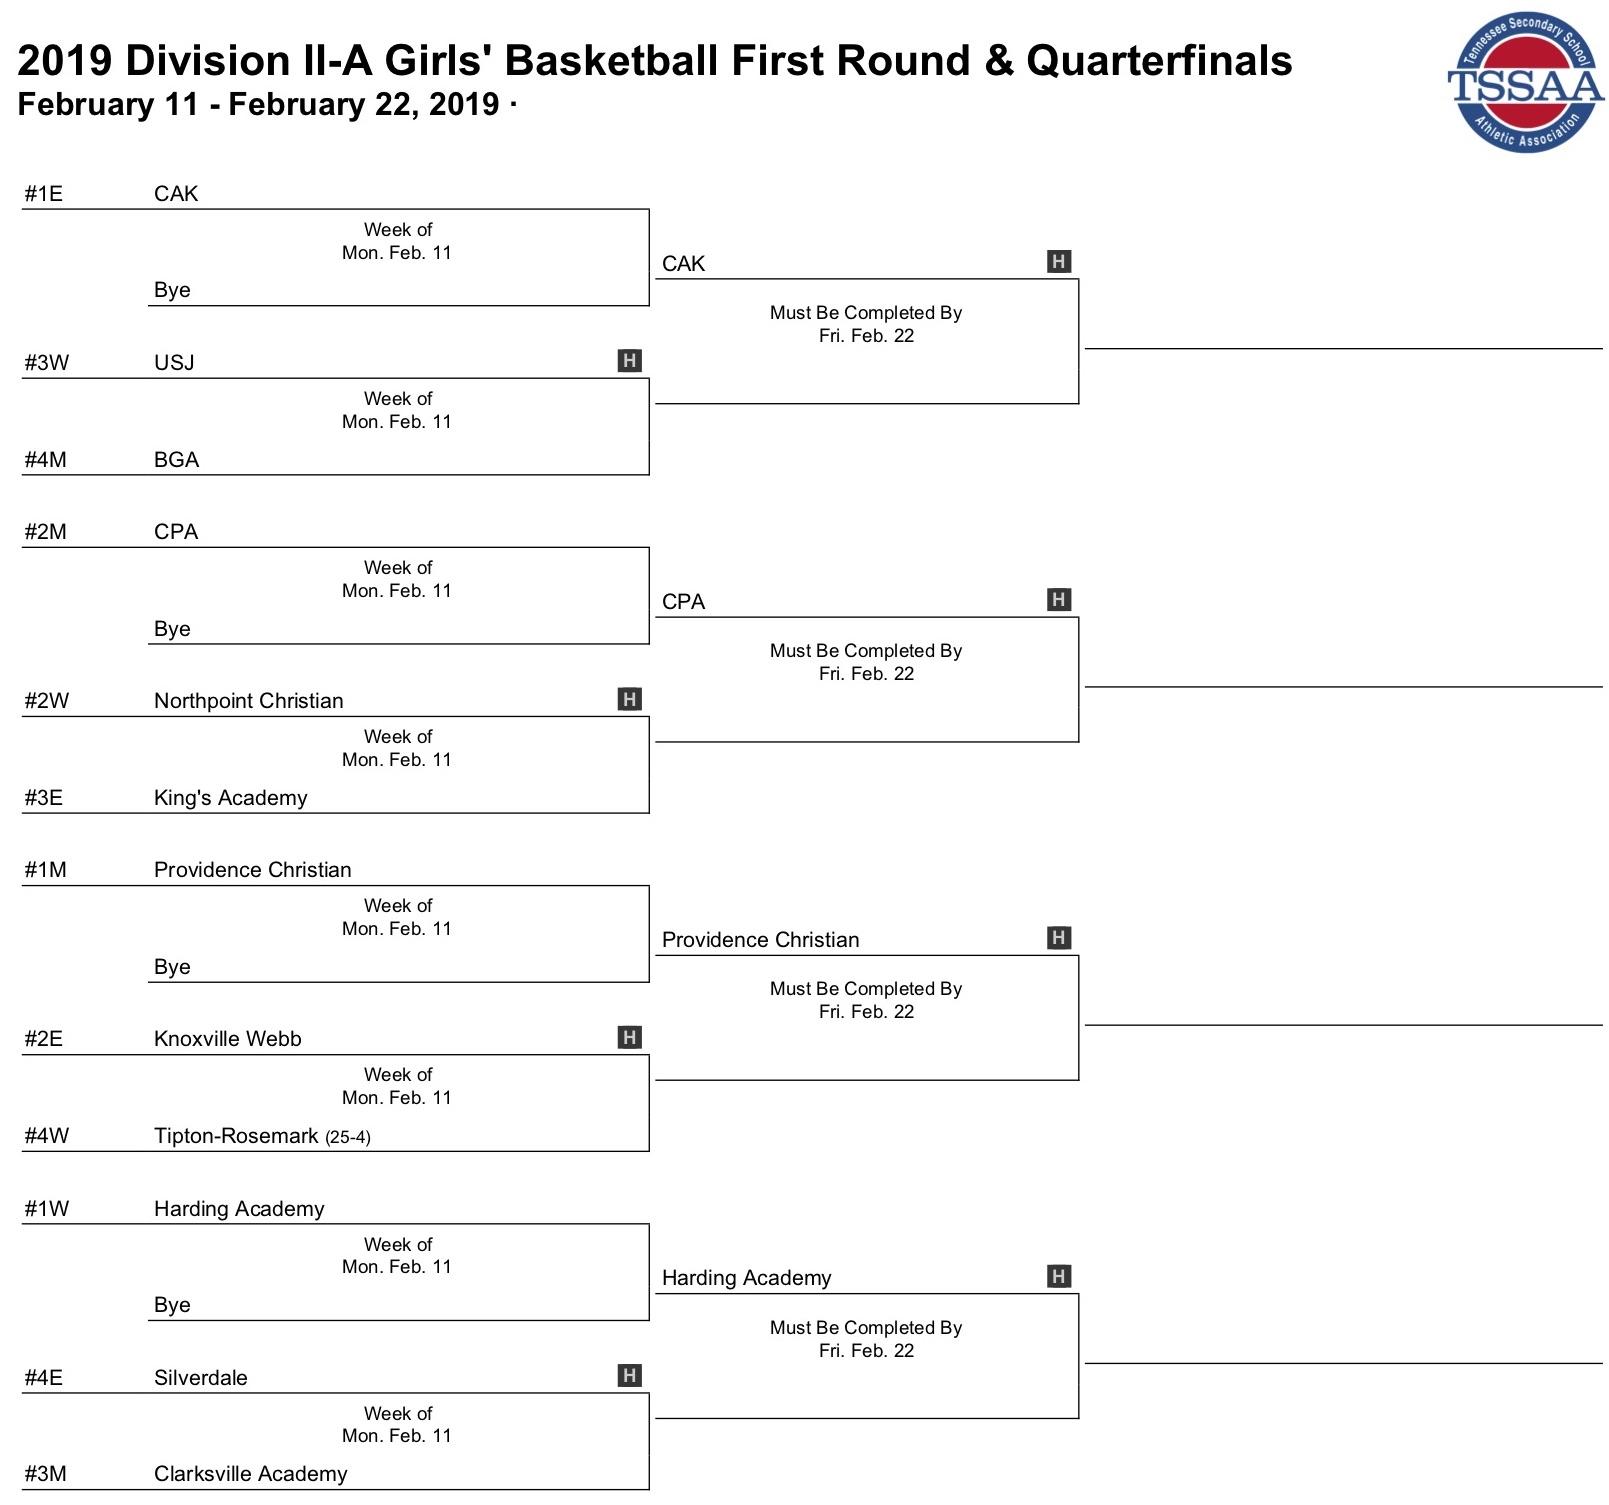 2019 Division II-A Girls' Basketball First Round & Quarterfinals Bracket.jpg